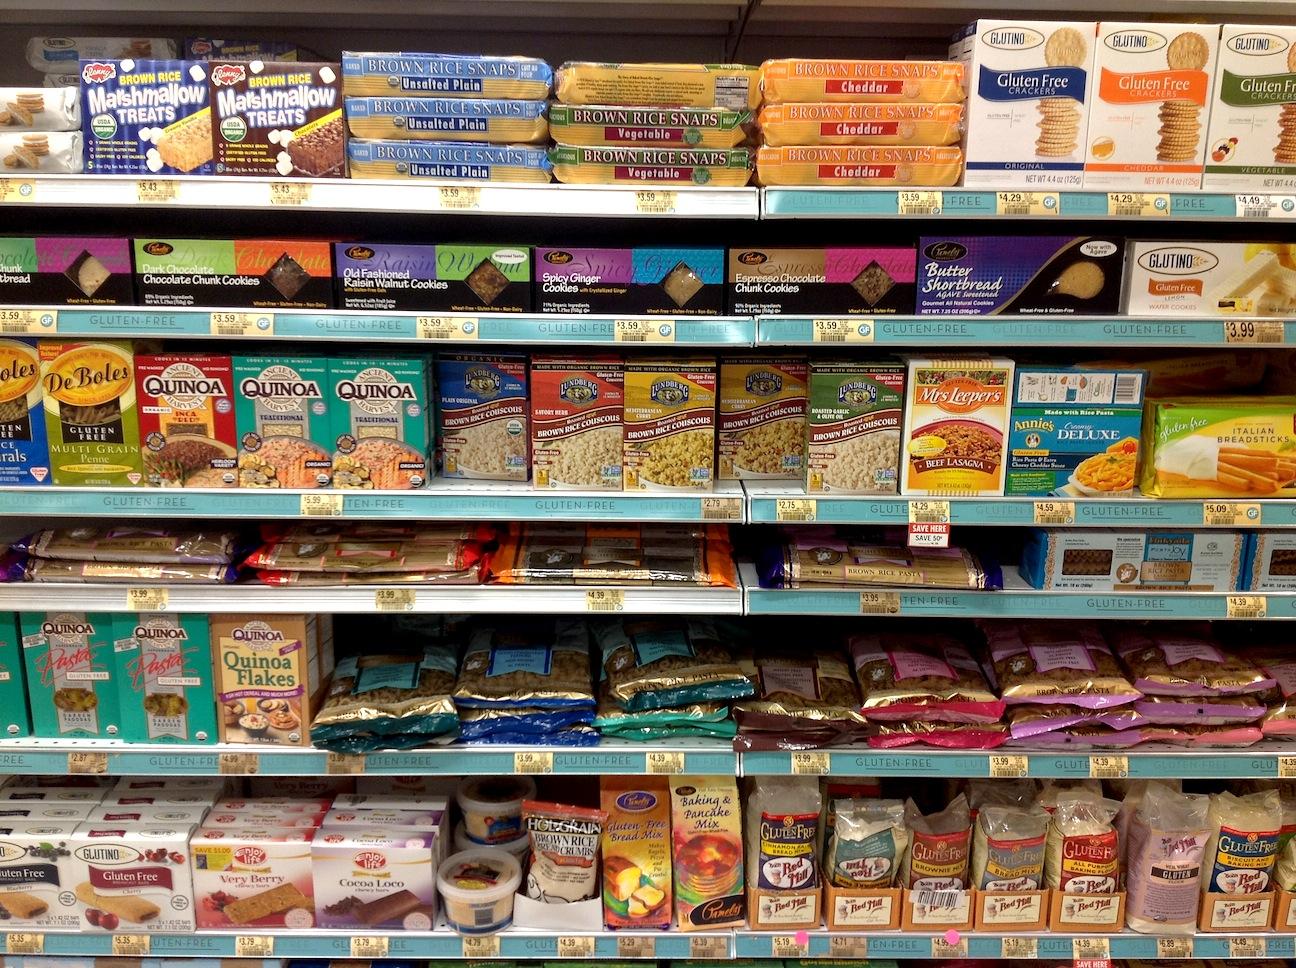 Compras no supermercado: Miami